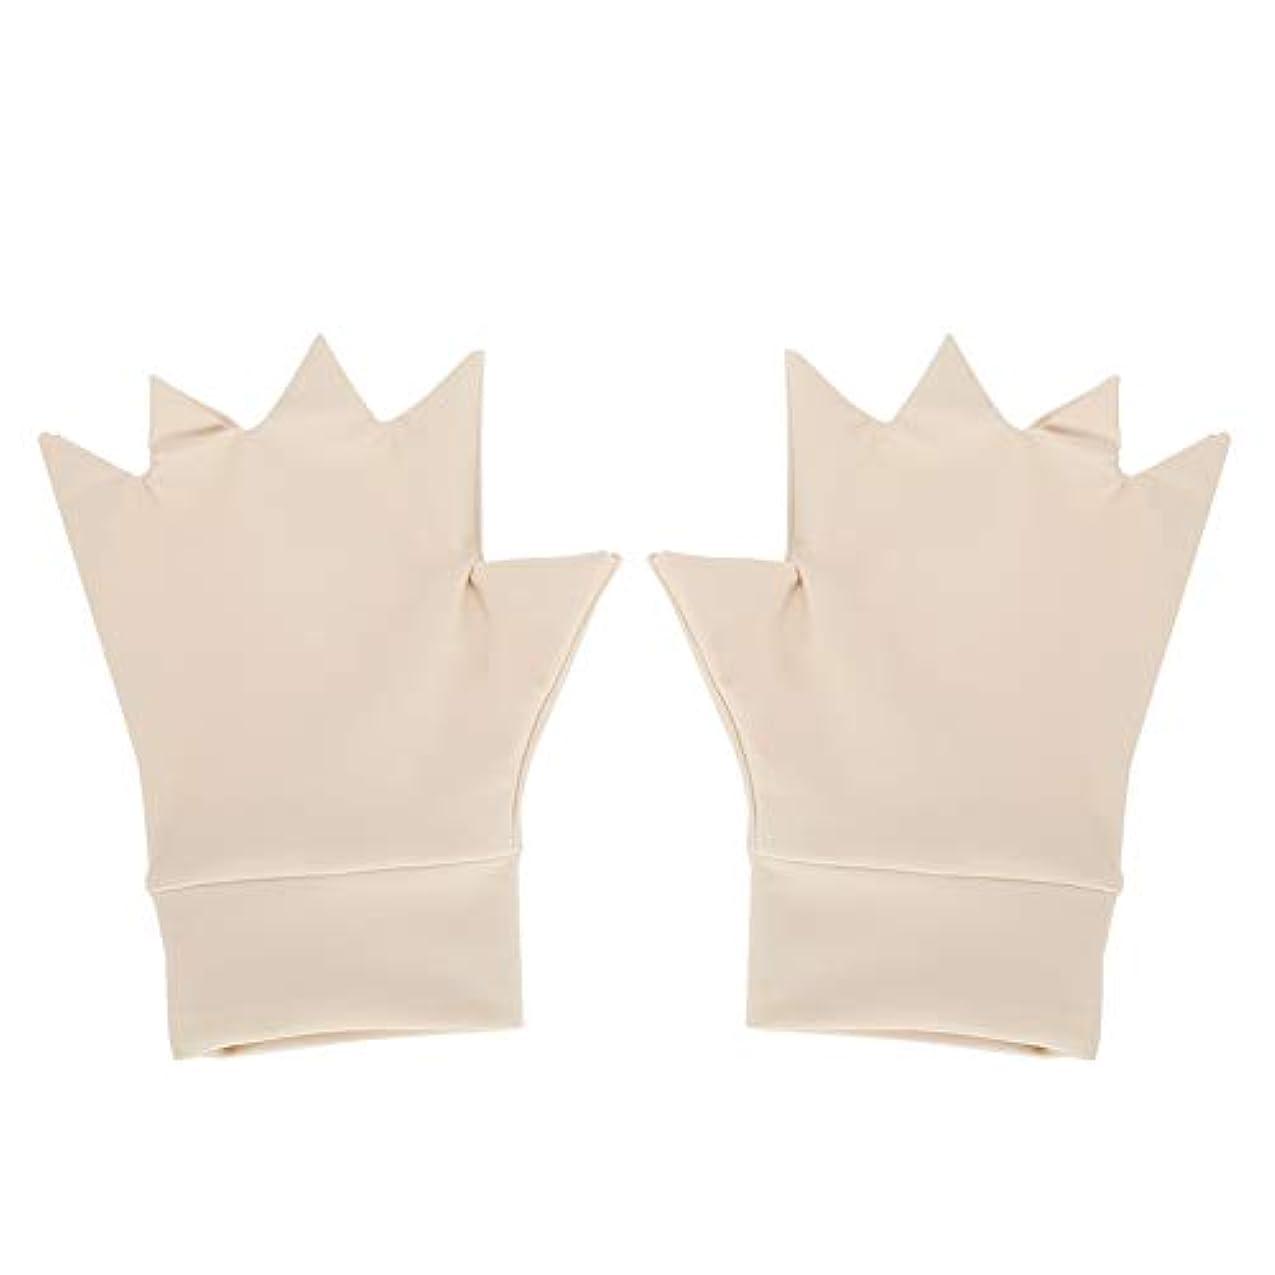 今晩背景コンパニオン抗関節炎の手袋、抗関節炎のヘルスケアの手袋の圧縮療法のリウマチの痛み